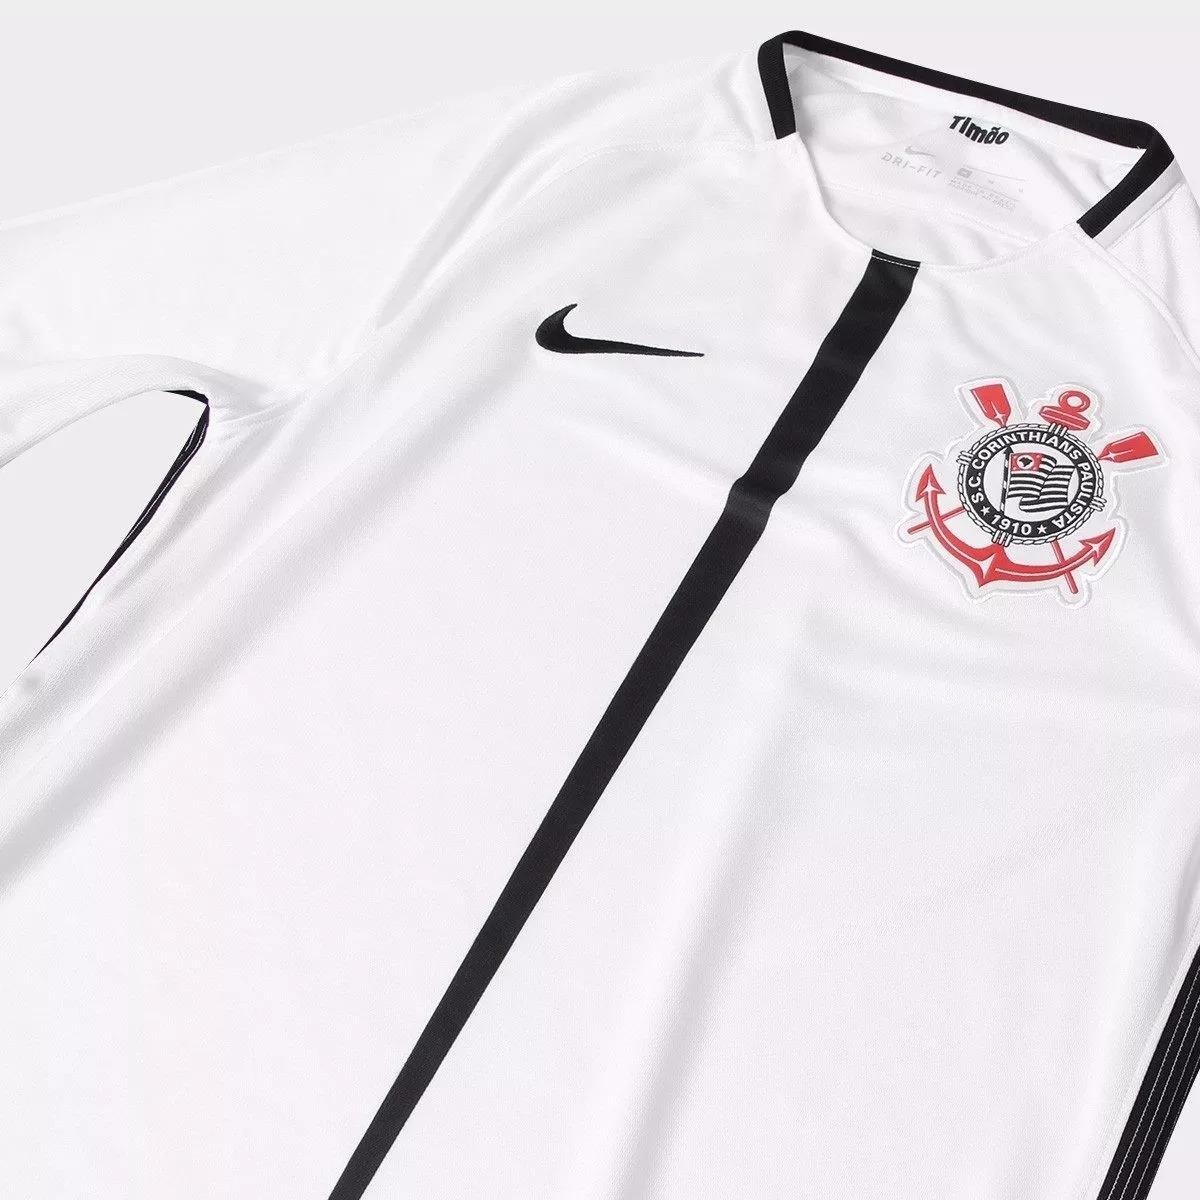 nova camisa oficial do corinthians original 2017 últimas und. Carregando  zoom. 4eeeec26d3f9a